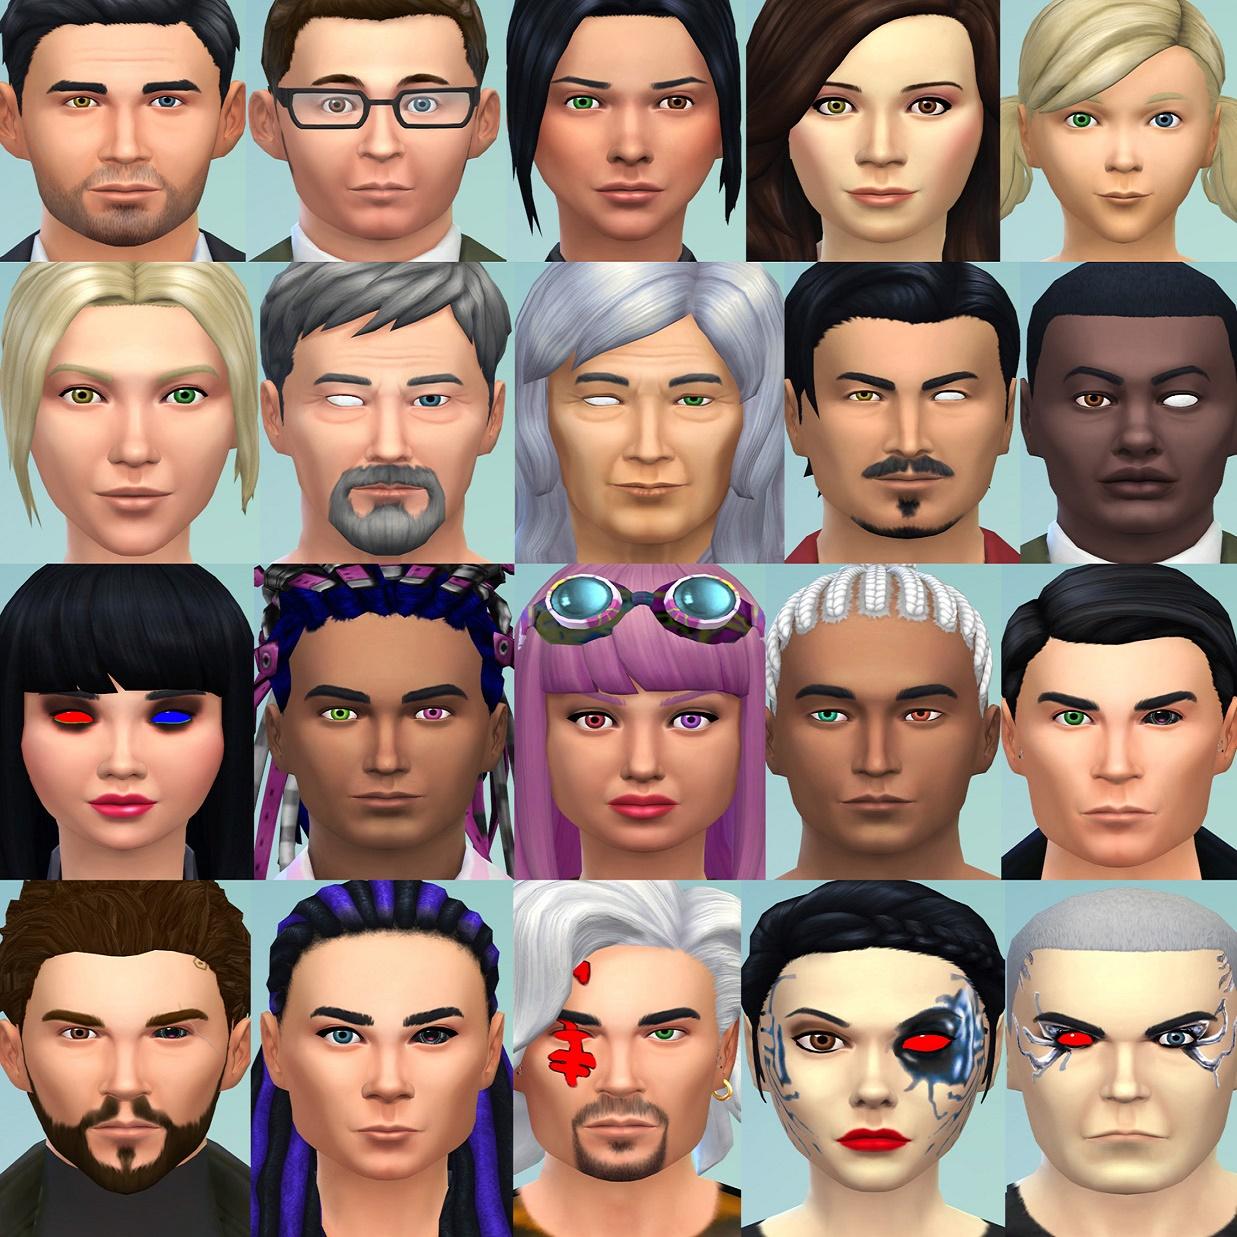 Sims 4 Blind Mod